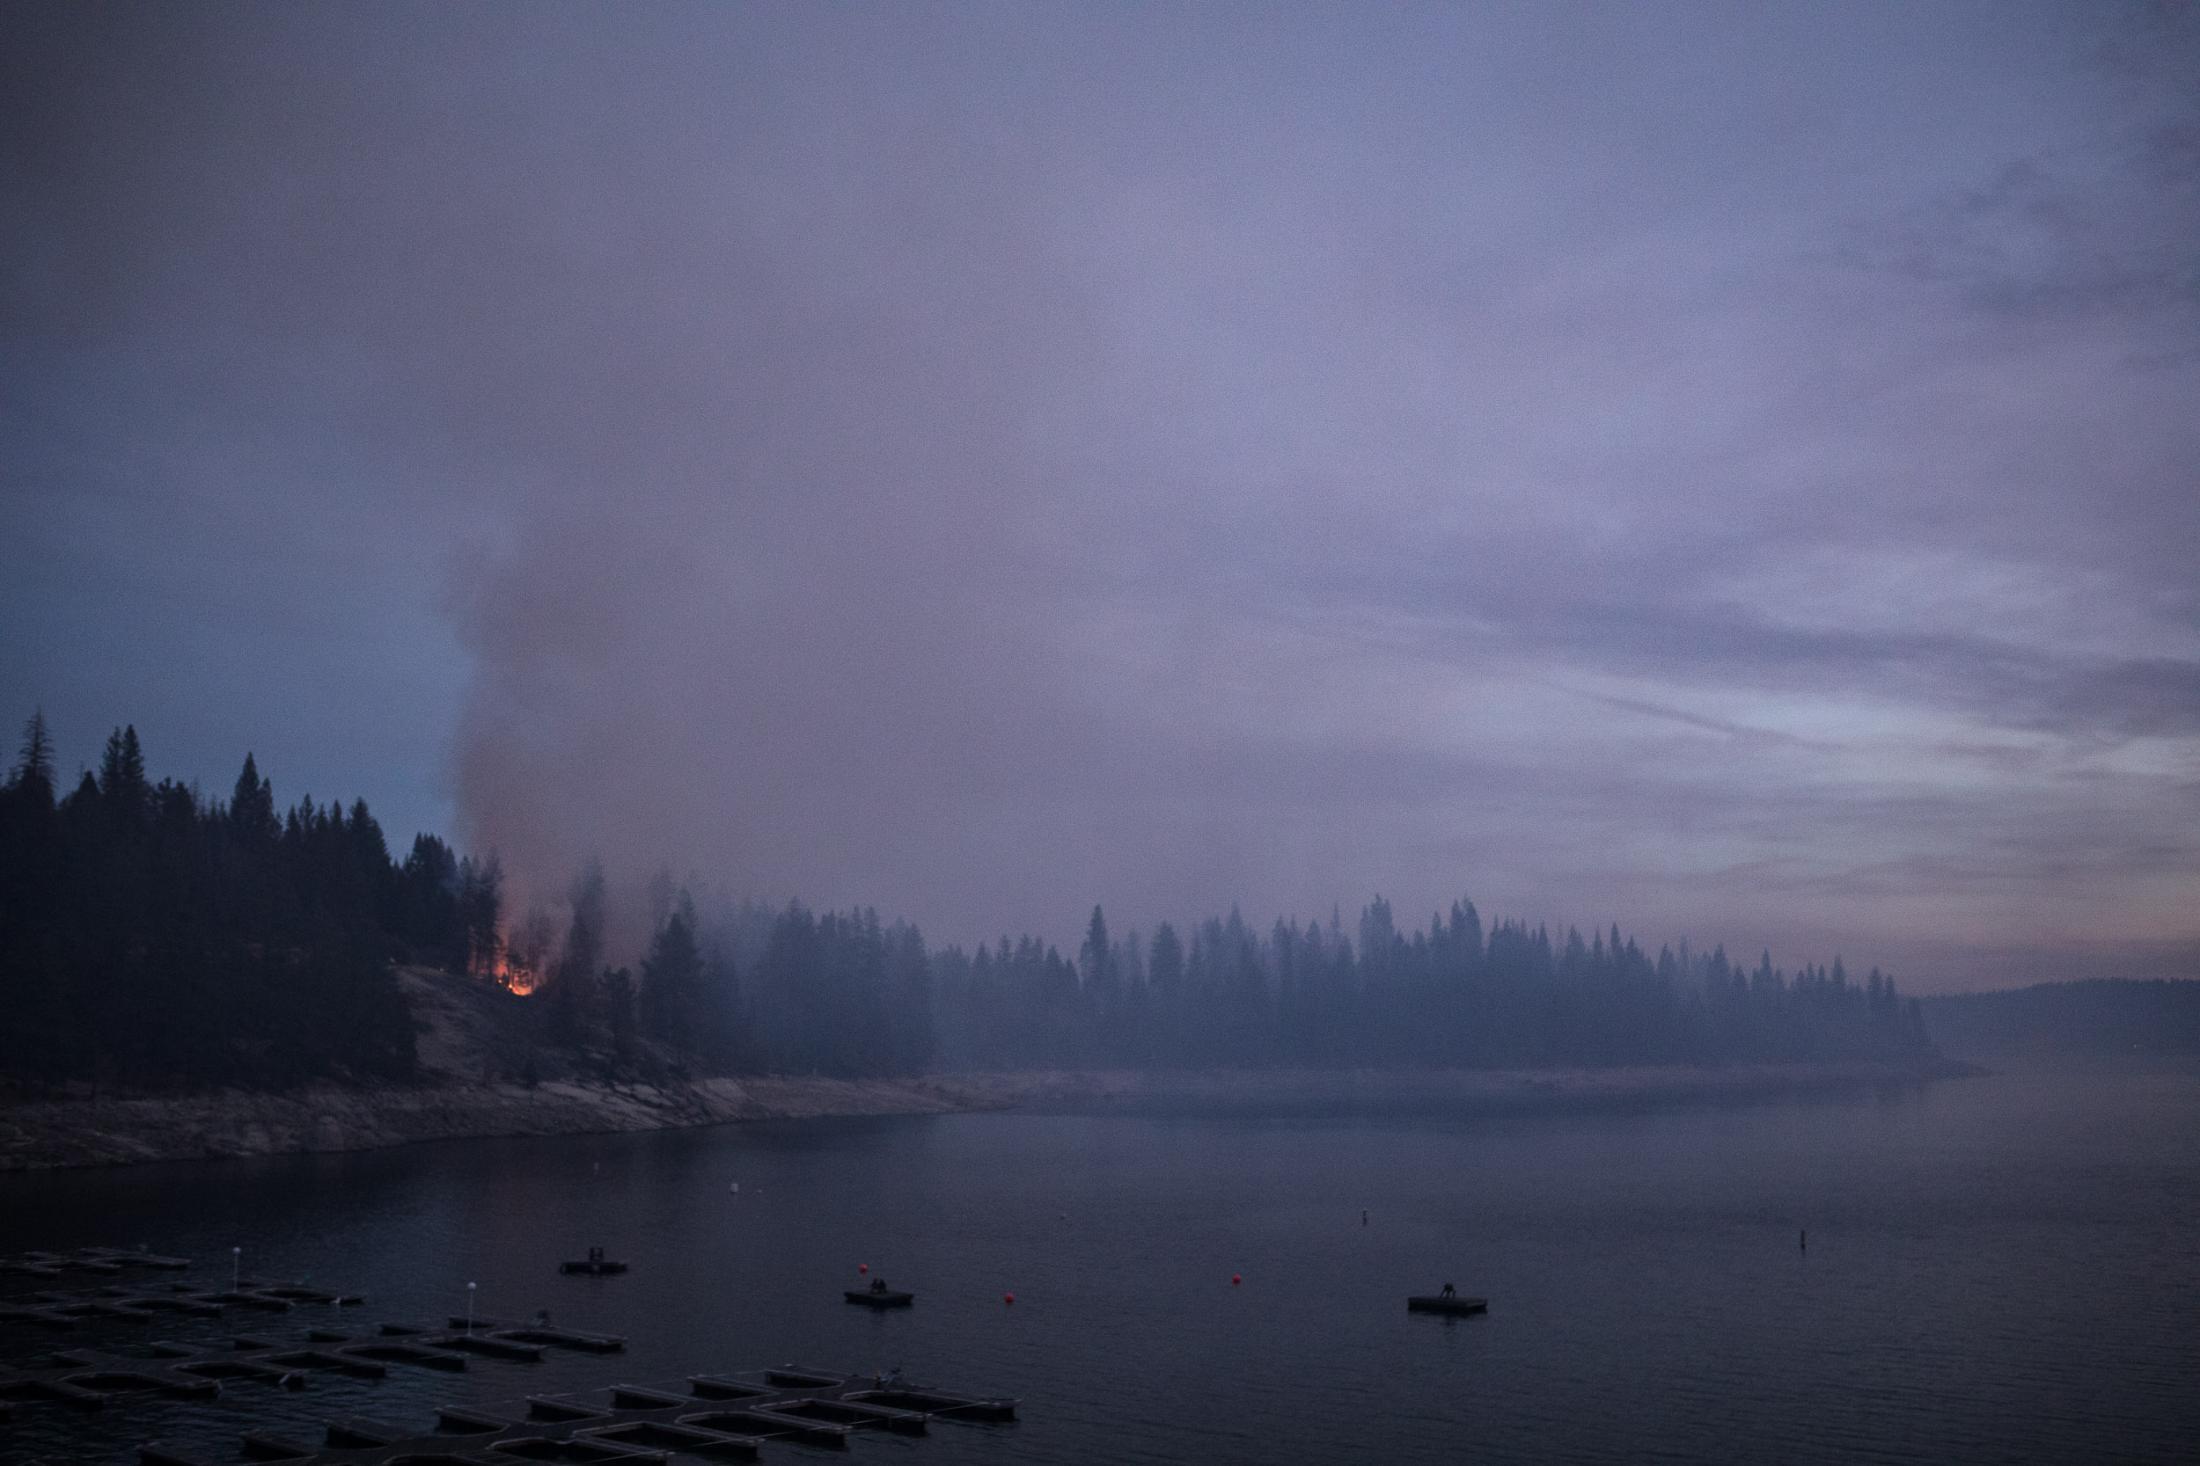 6. Fire reflecting in Shaver Lake. Nov 2017